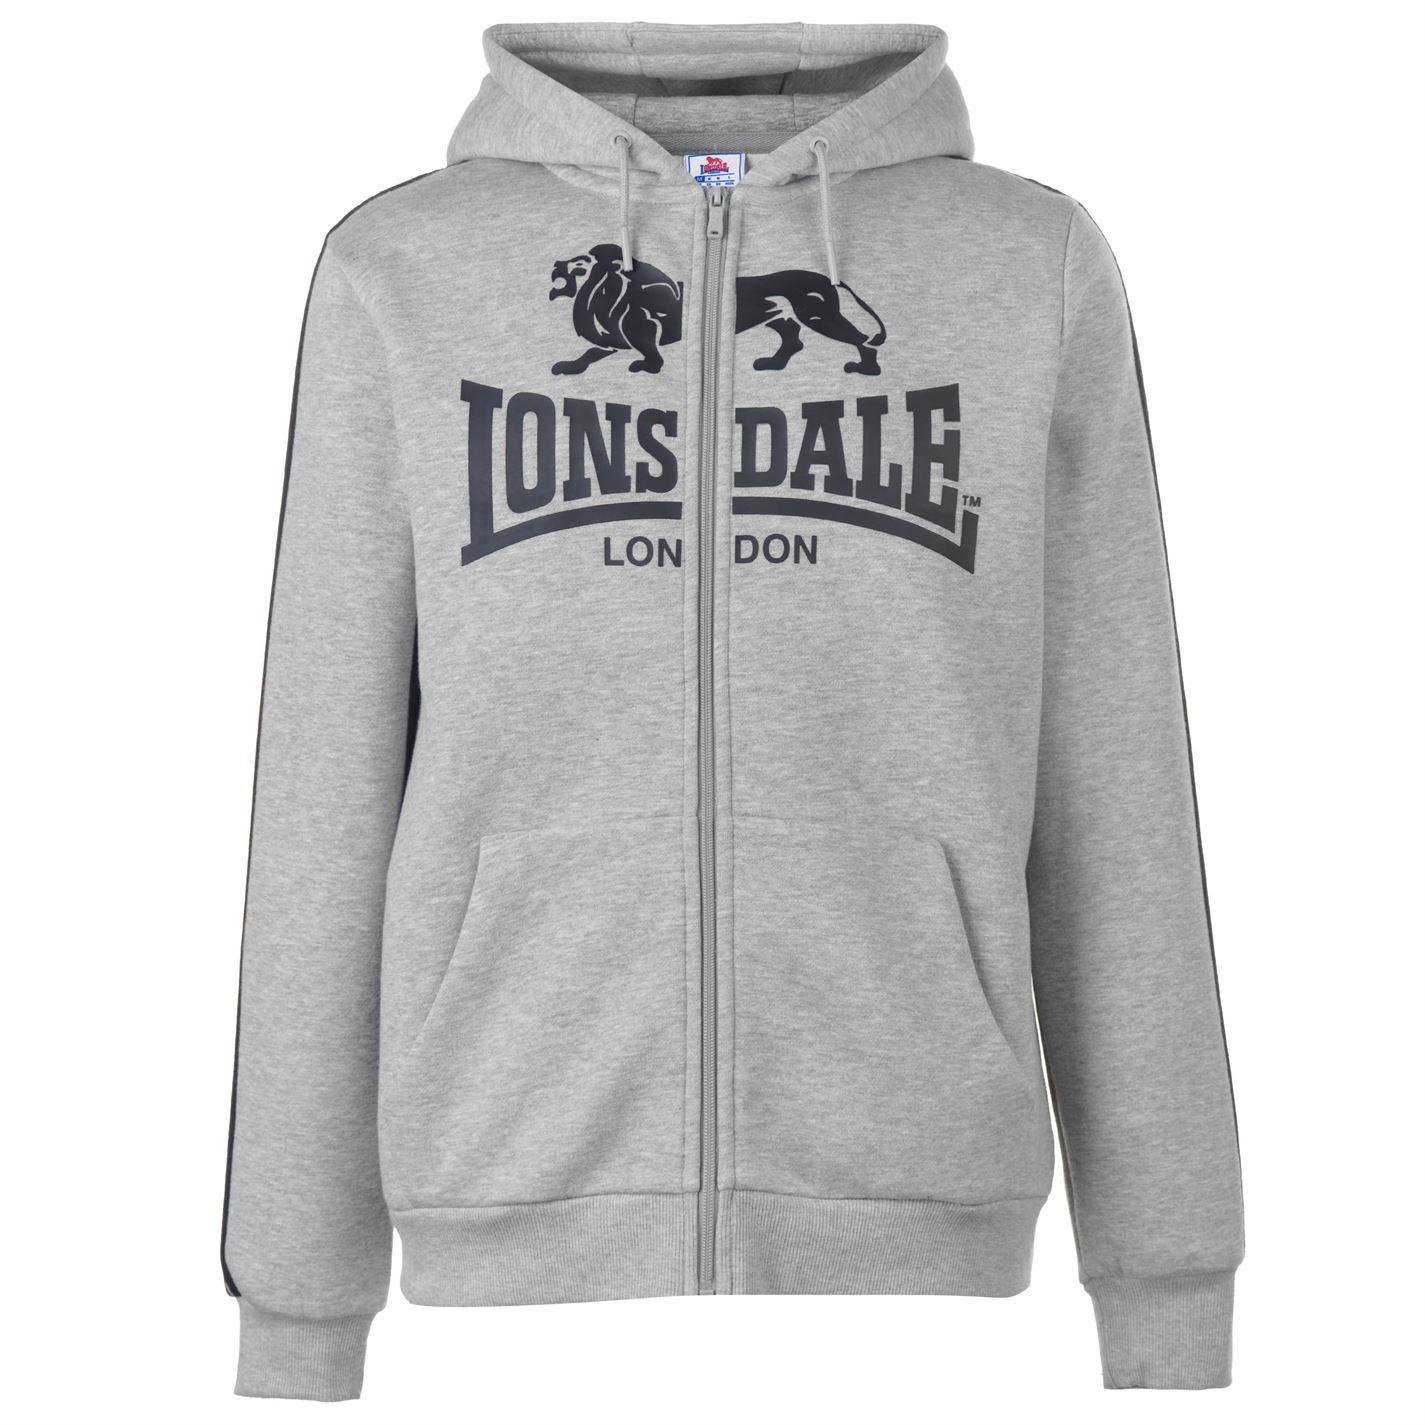 Lonsdale-2-Stripe-Logo-Full-Zip-Hoody-Mens-Hoodie-Top-Sweatshirt-Sweater thumbnail 10